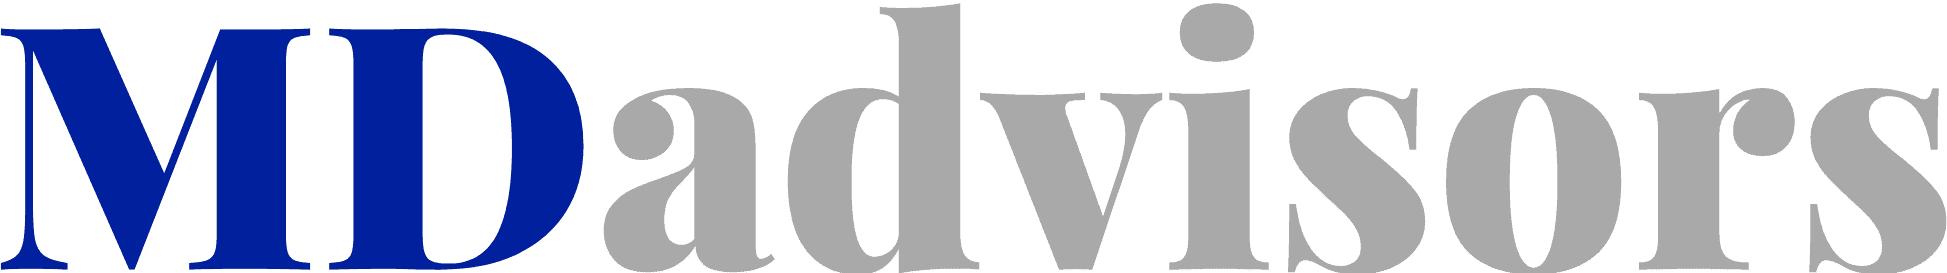 MDadvisors